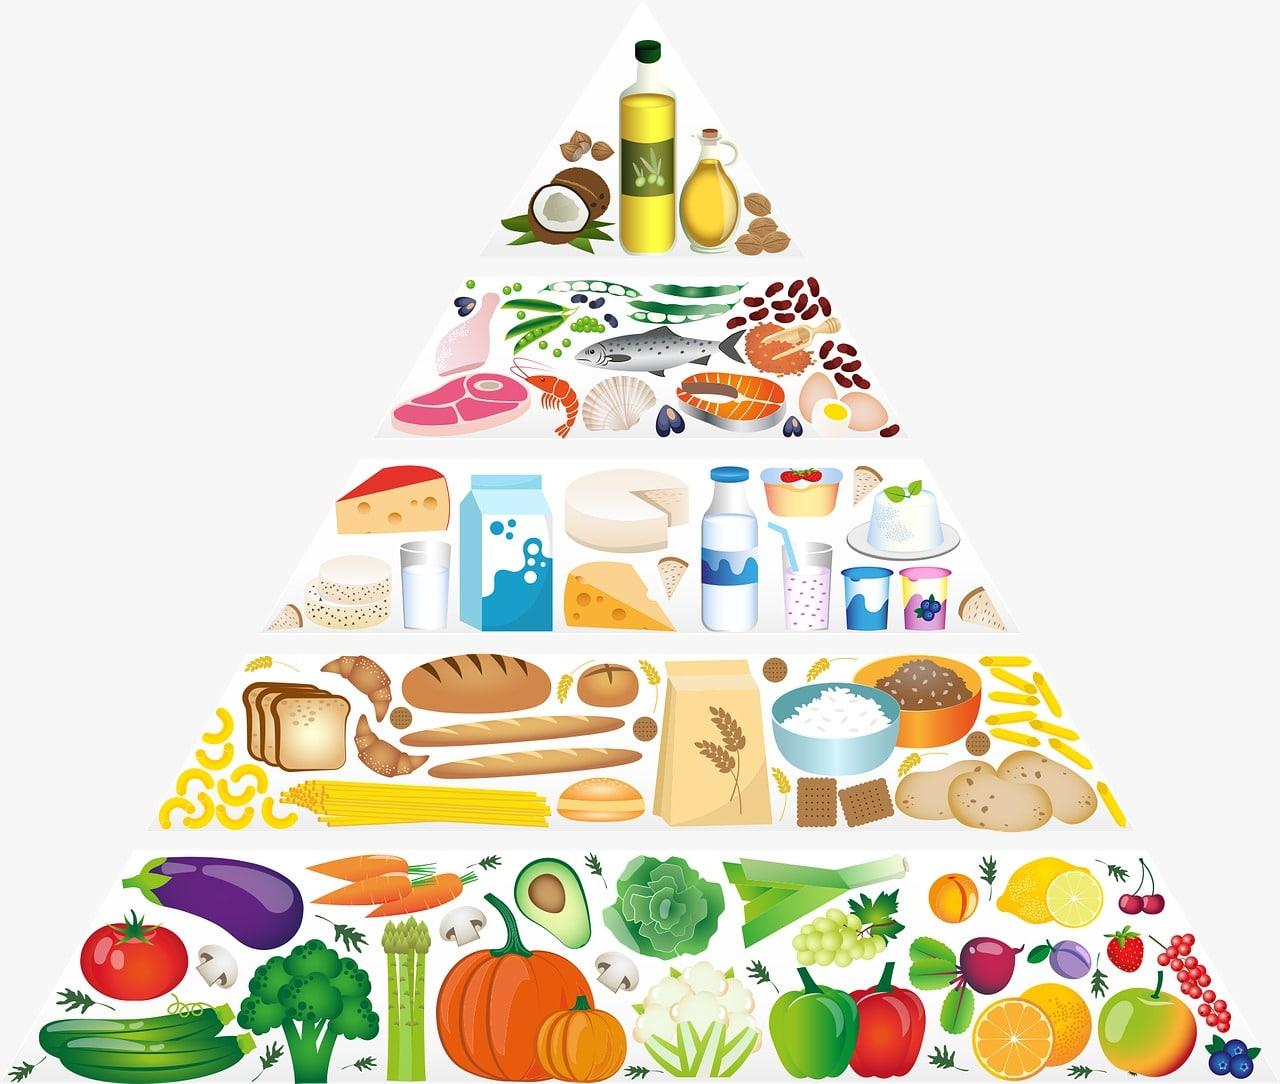 piramide alimenticia dieta equilibrada niños